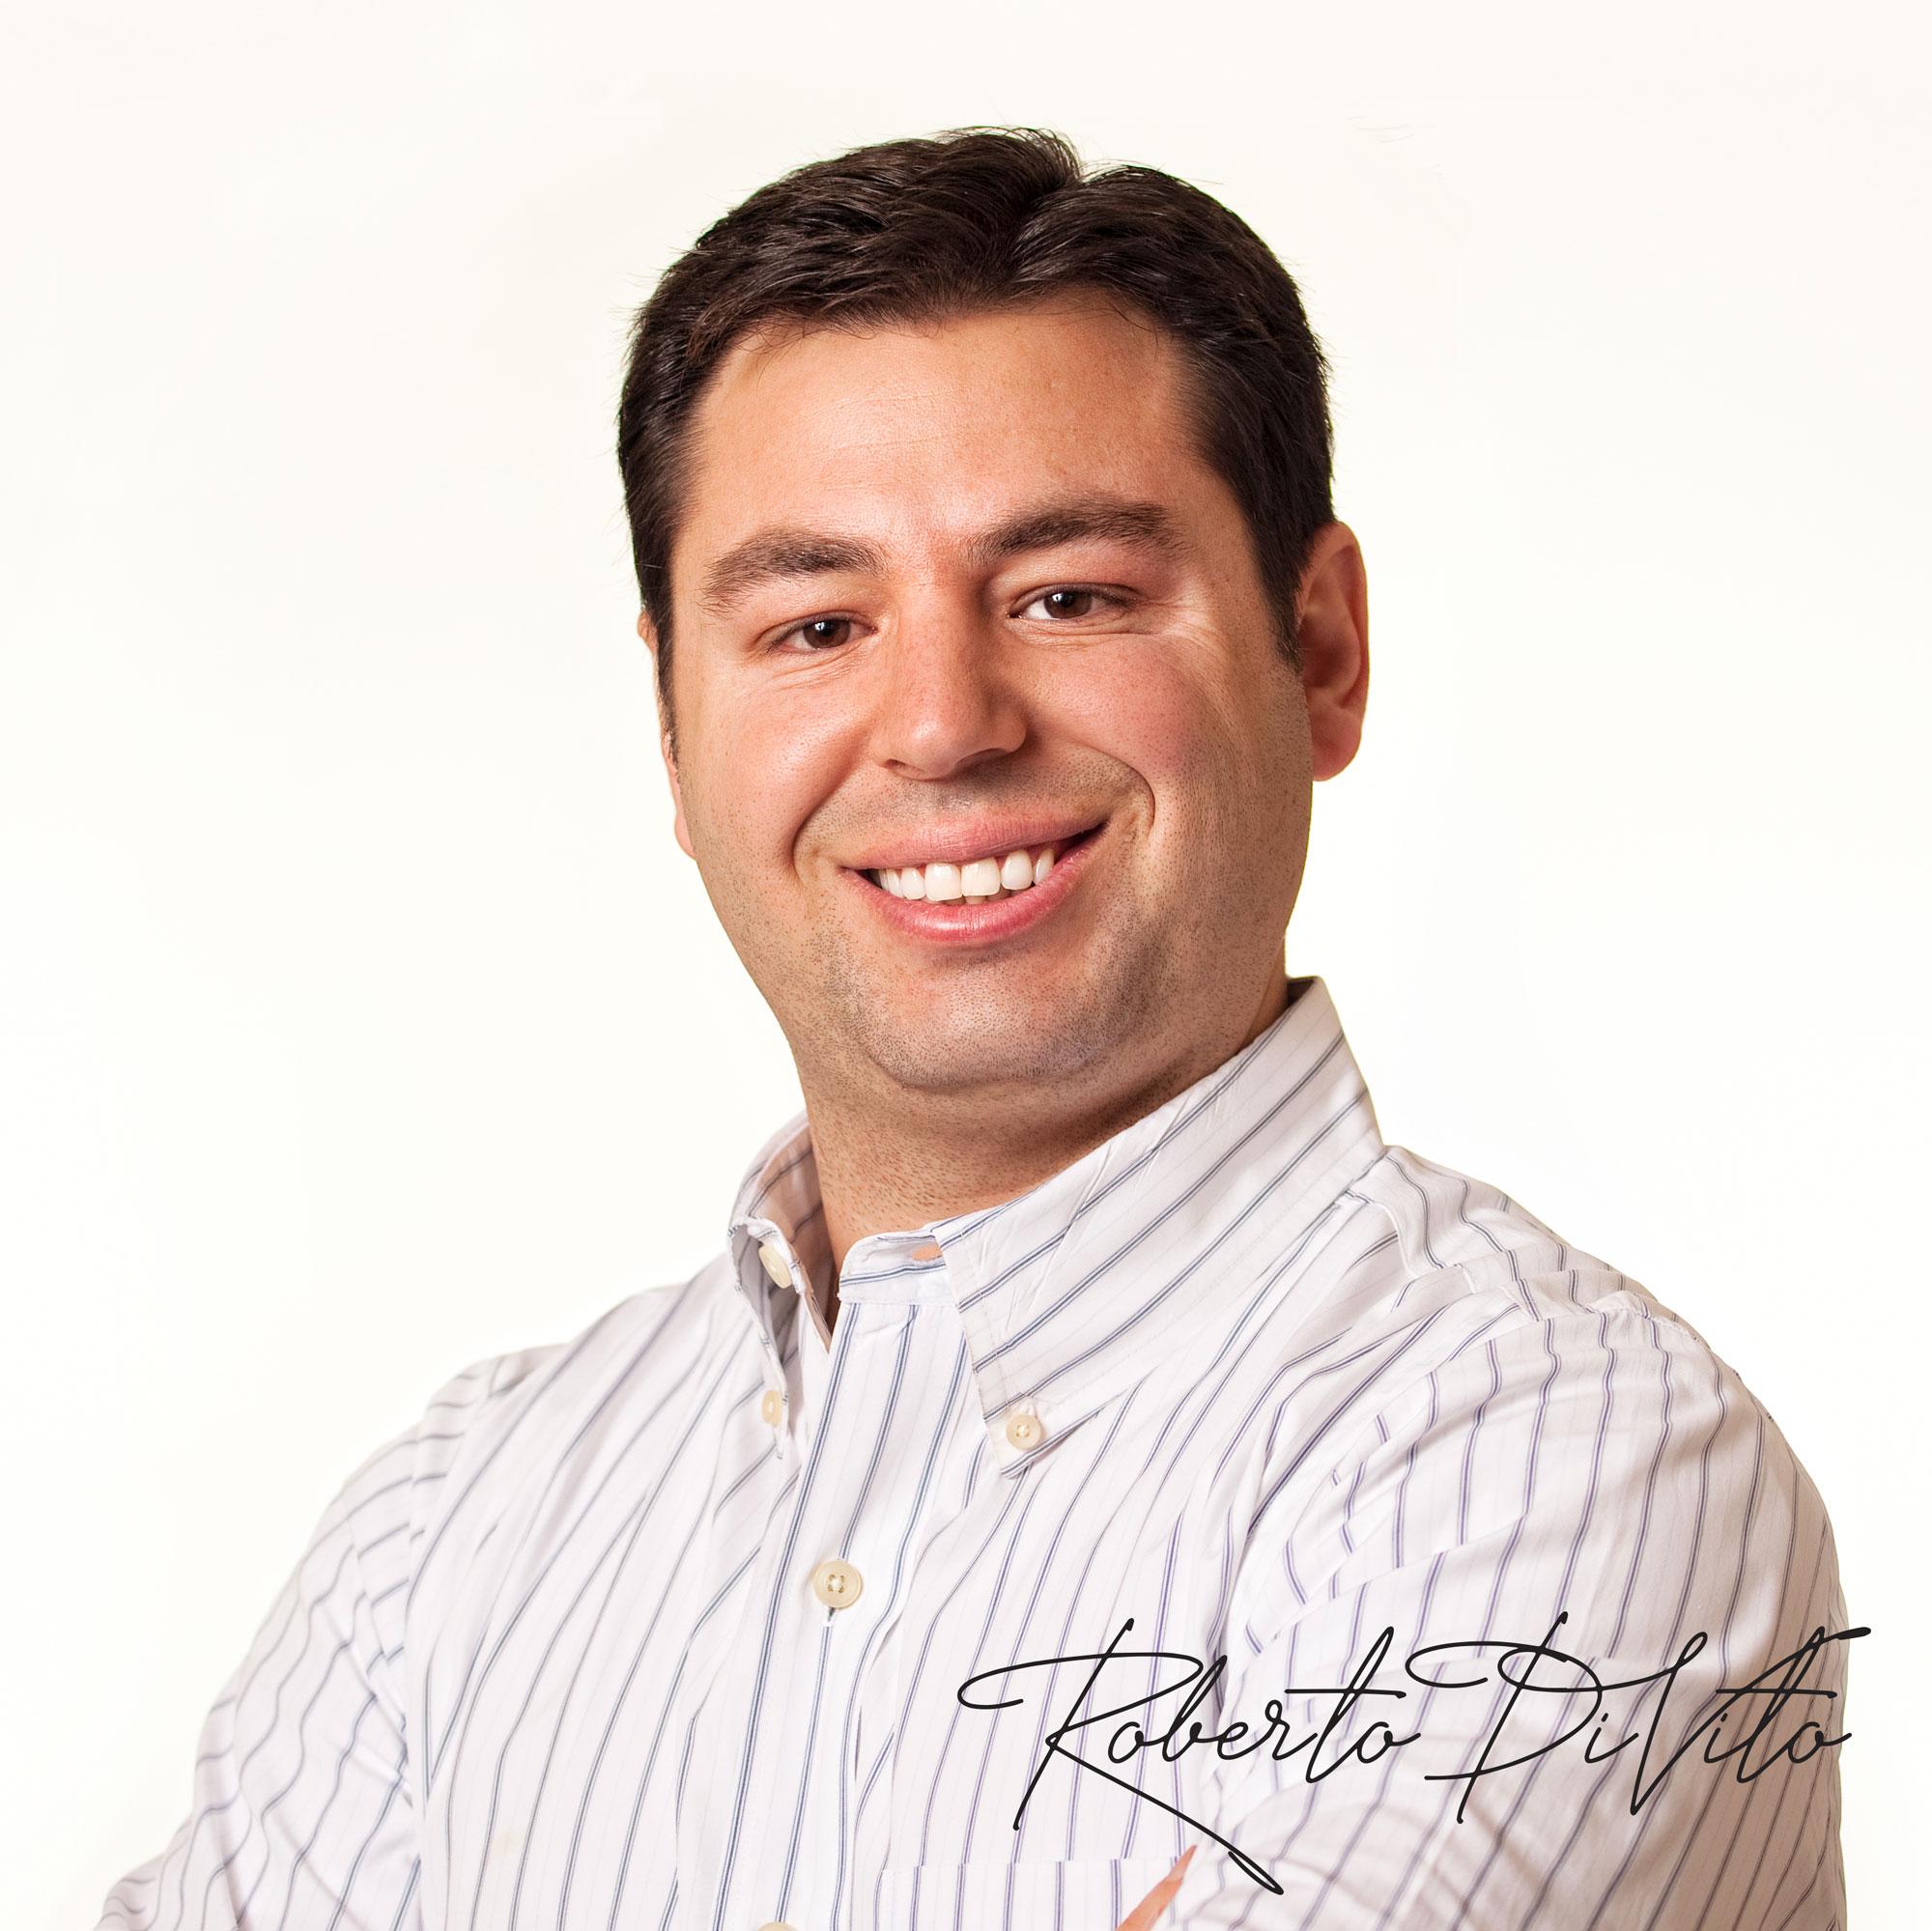 Dr-Roberto-Divito